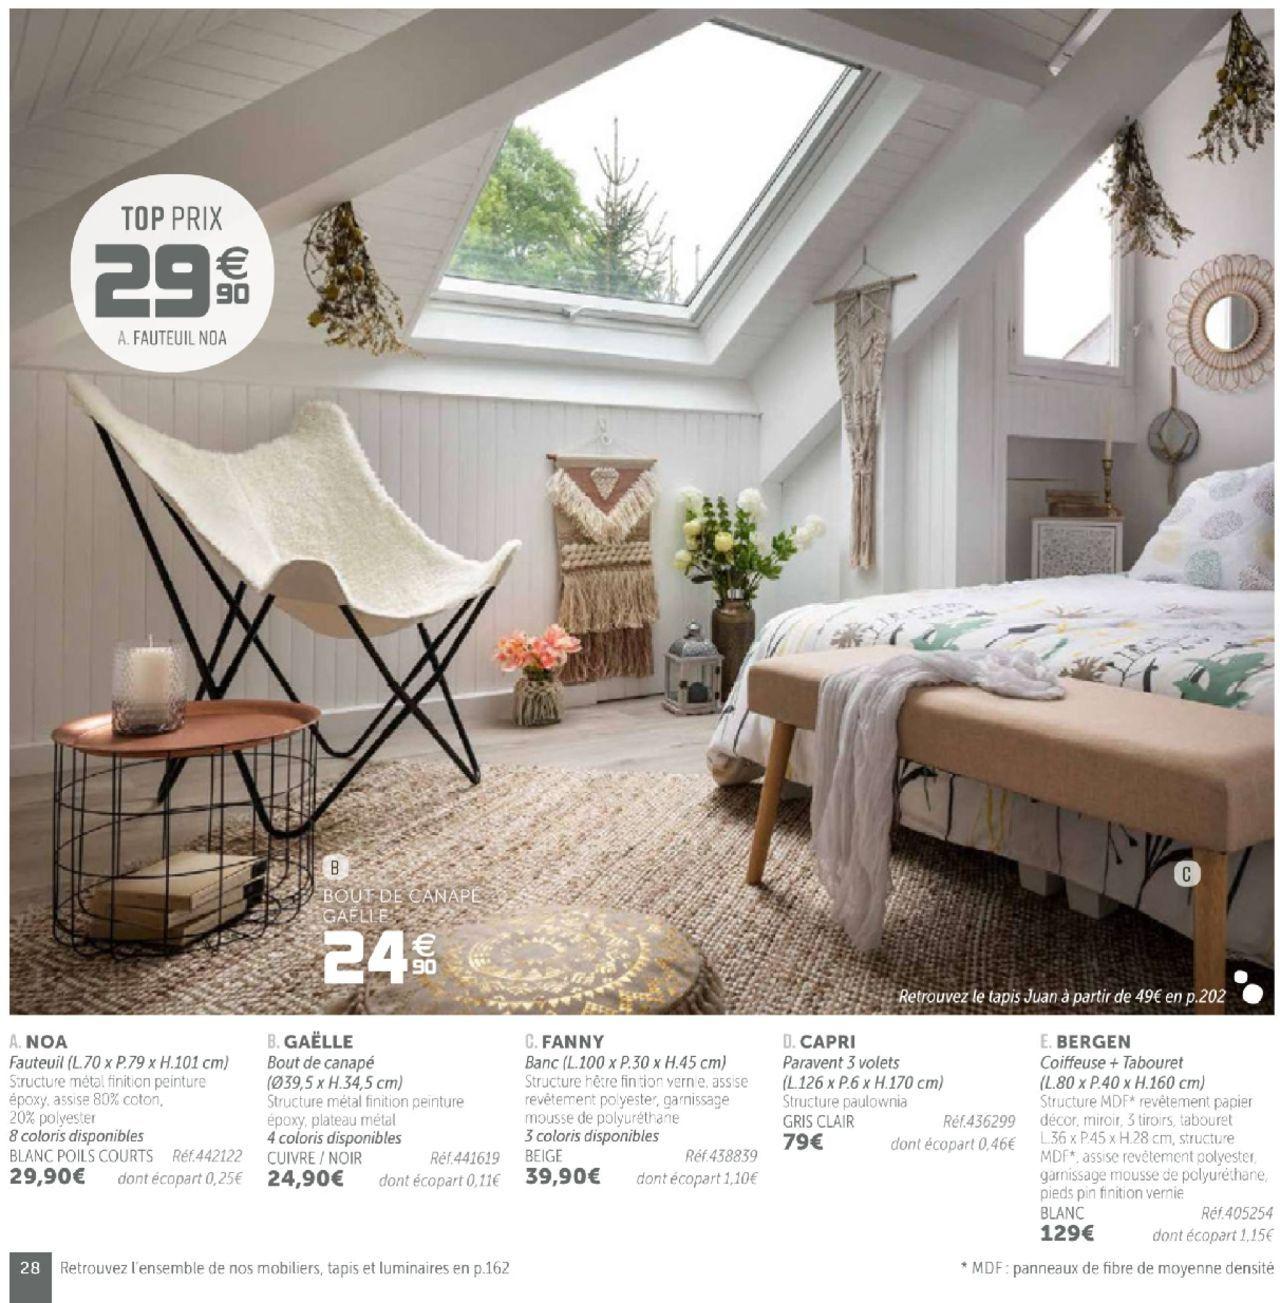 Prospectus Gifi Mobilier Formulaire Valide 01 08 2018 Nombre De Page 28 Meuble Deco Mobilier De Salon Maison